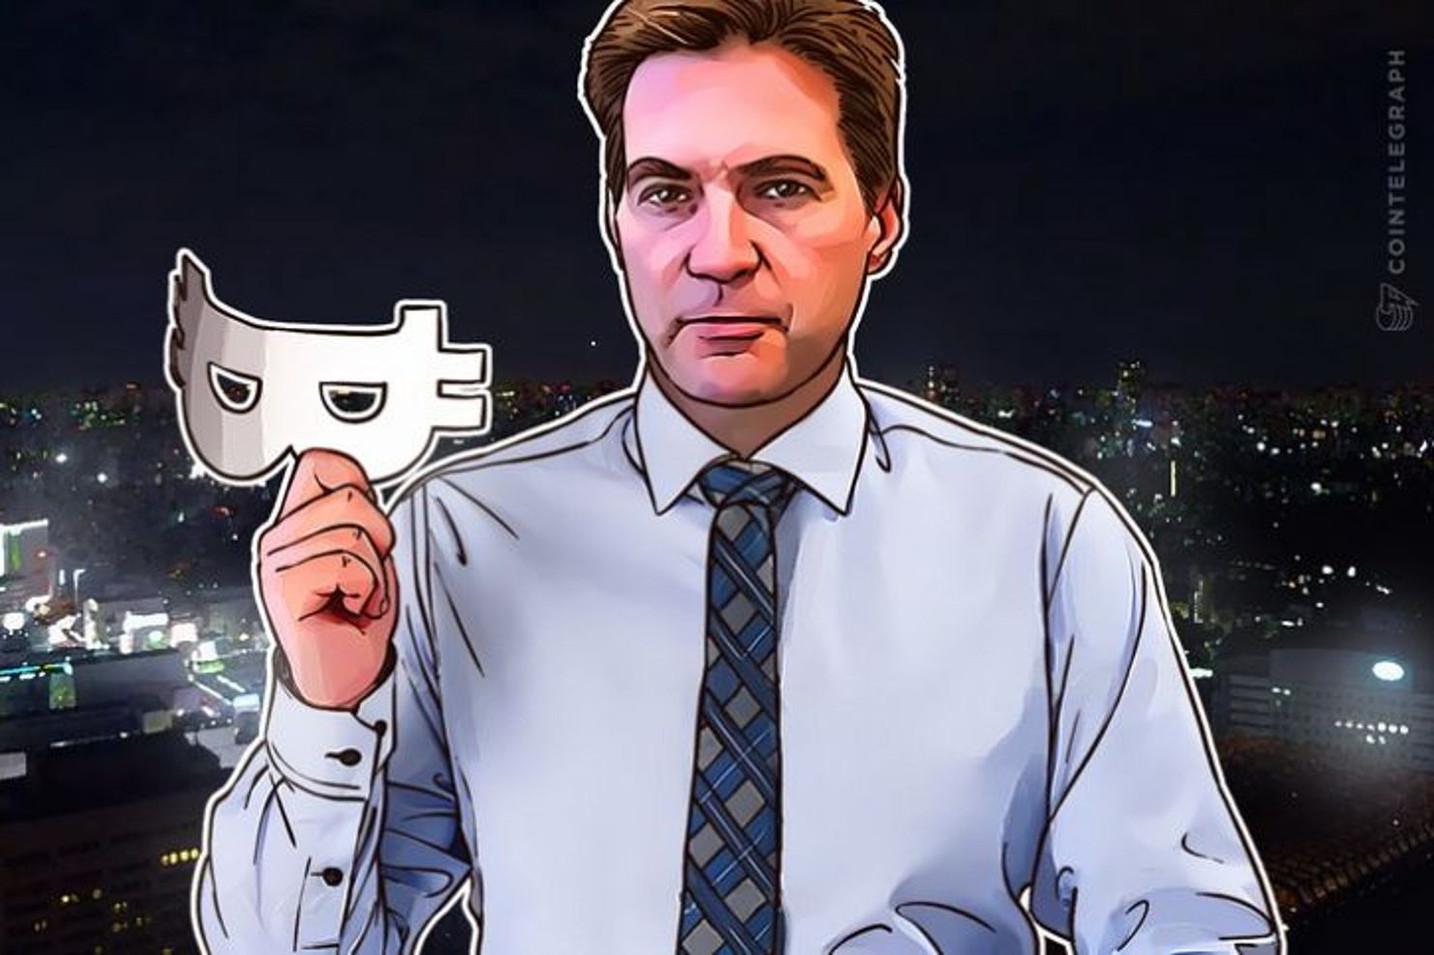 仮想通貨BSVのクレイグ・ライト氏、ビットコイン110万BTCの秘密鍵は「受け取ってない」=報道【ニュース】